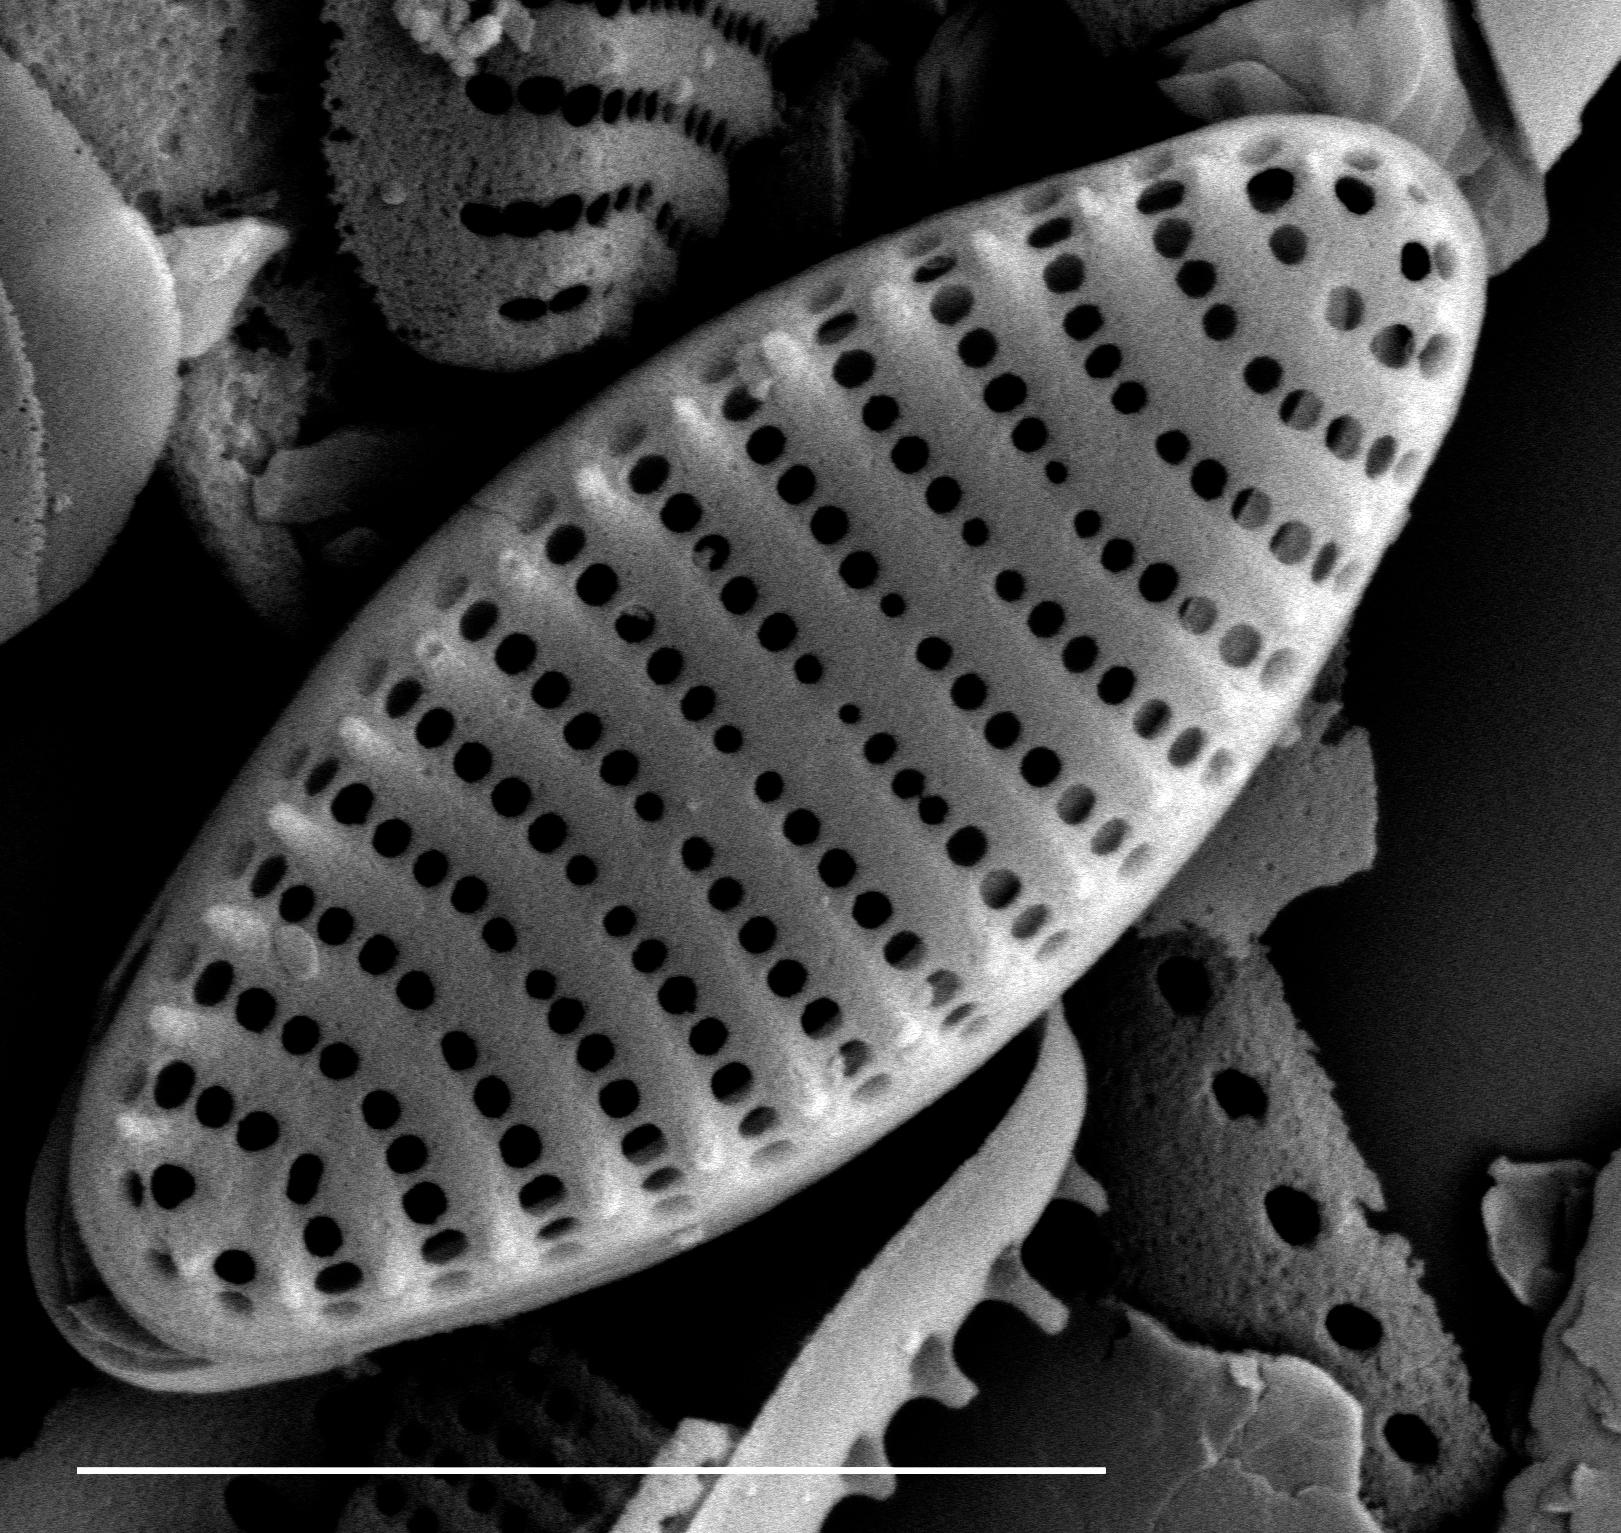 Stauroforma exiguiformis SEM1